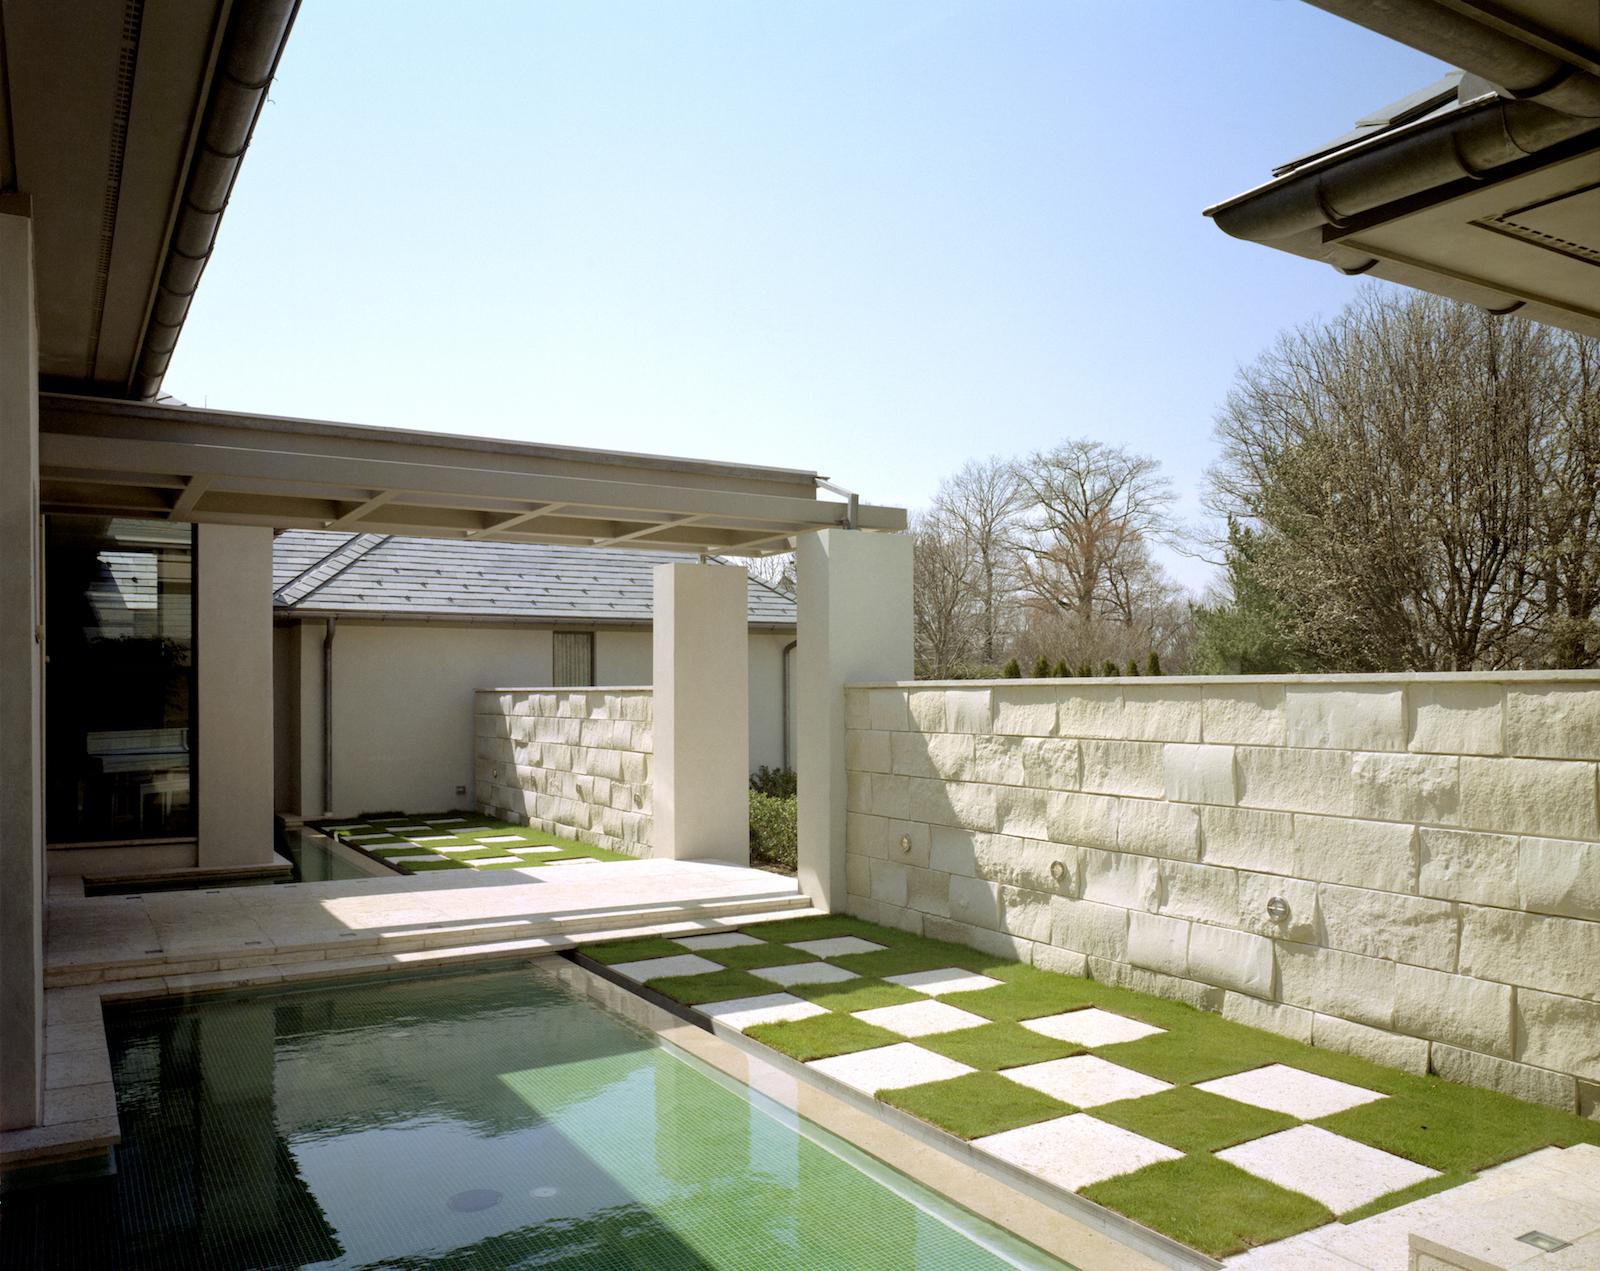 checker board patio beside pool.jpg